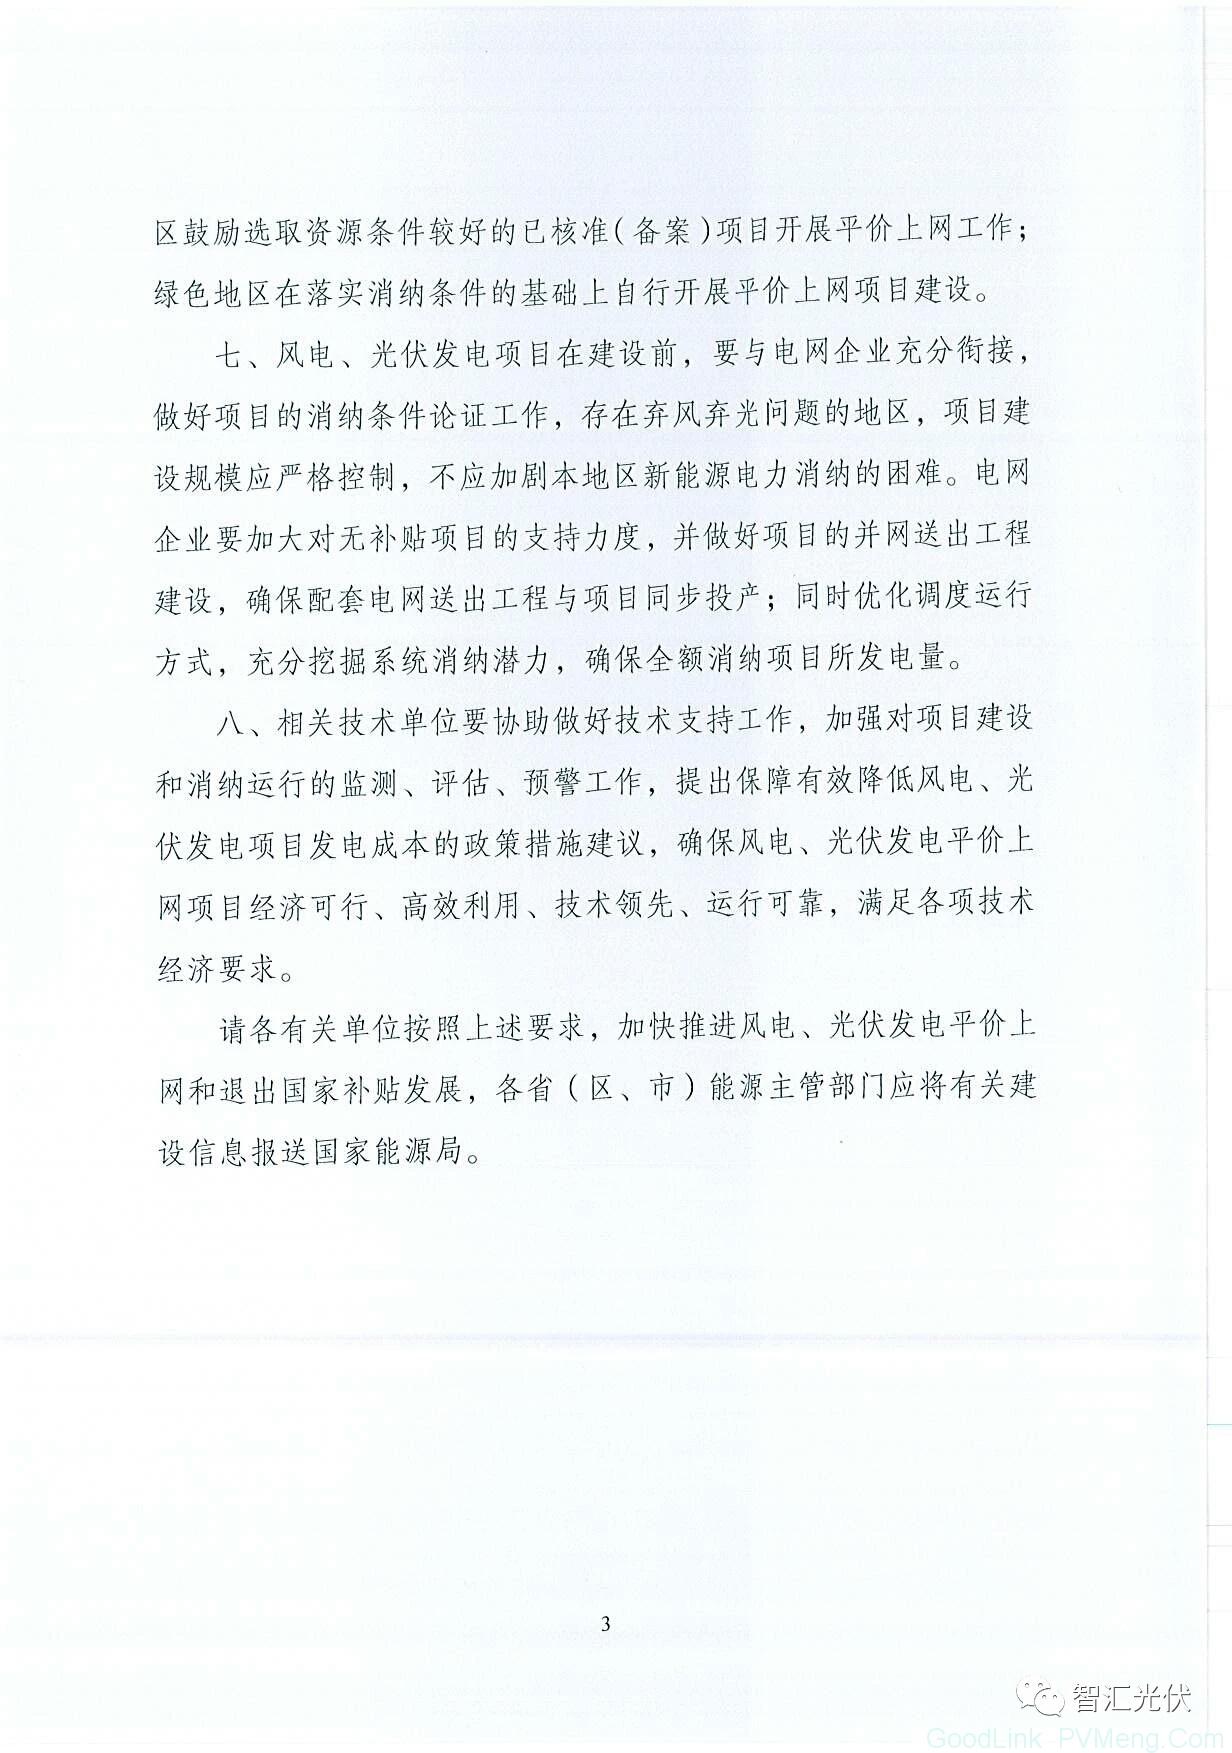 """0180913国家能源局综合司关于征求《关于加快推进风电、光伏发电平价上网有关工作的通知》意见的函"""""""